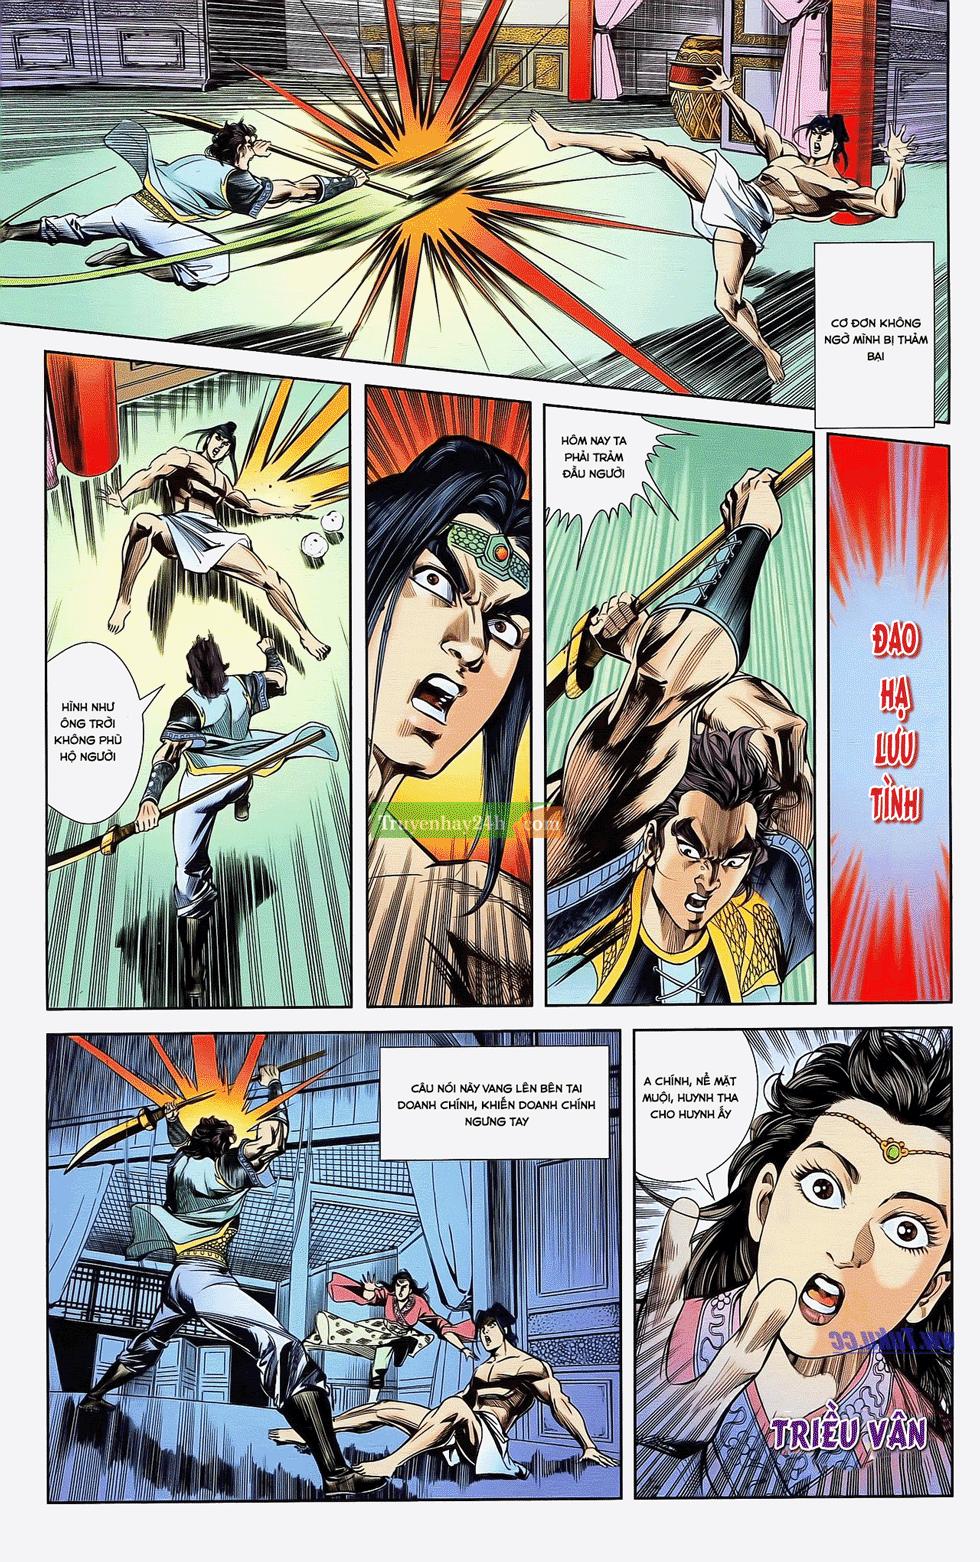 Tần Vương Doanh Chính chapter 22 trang 28